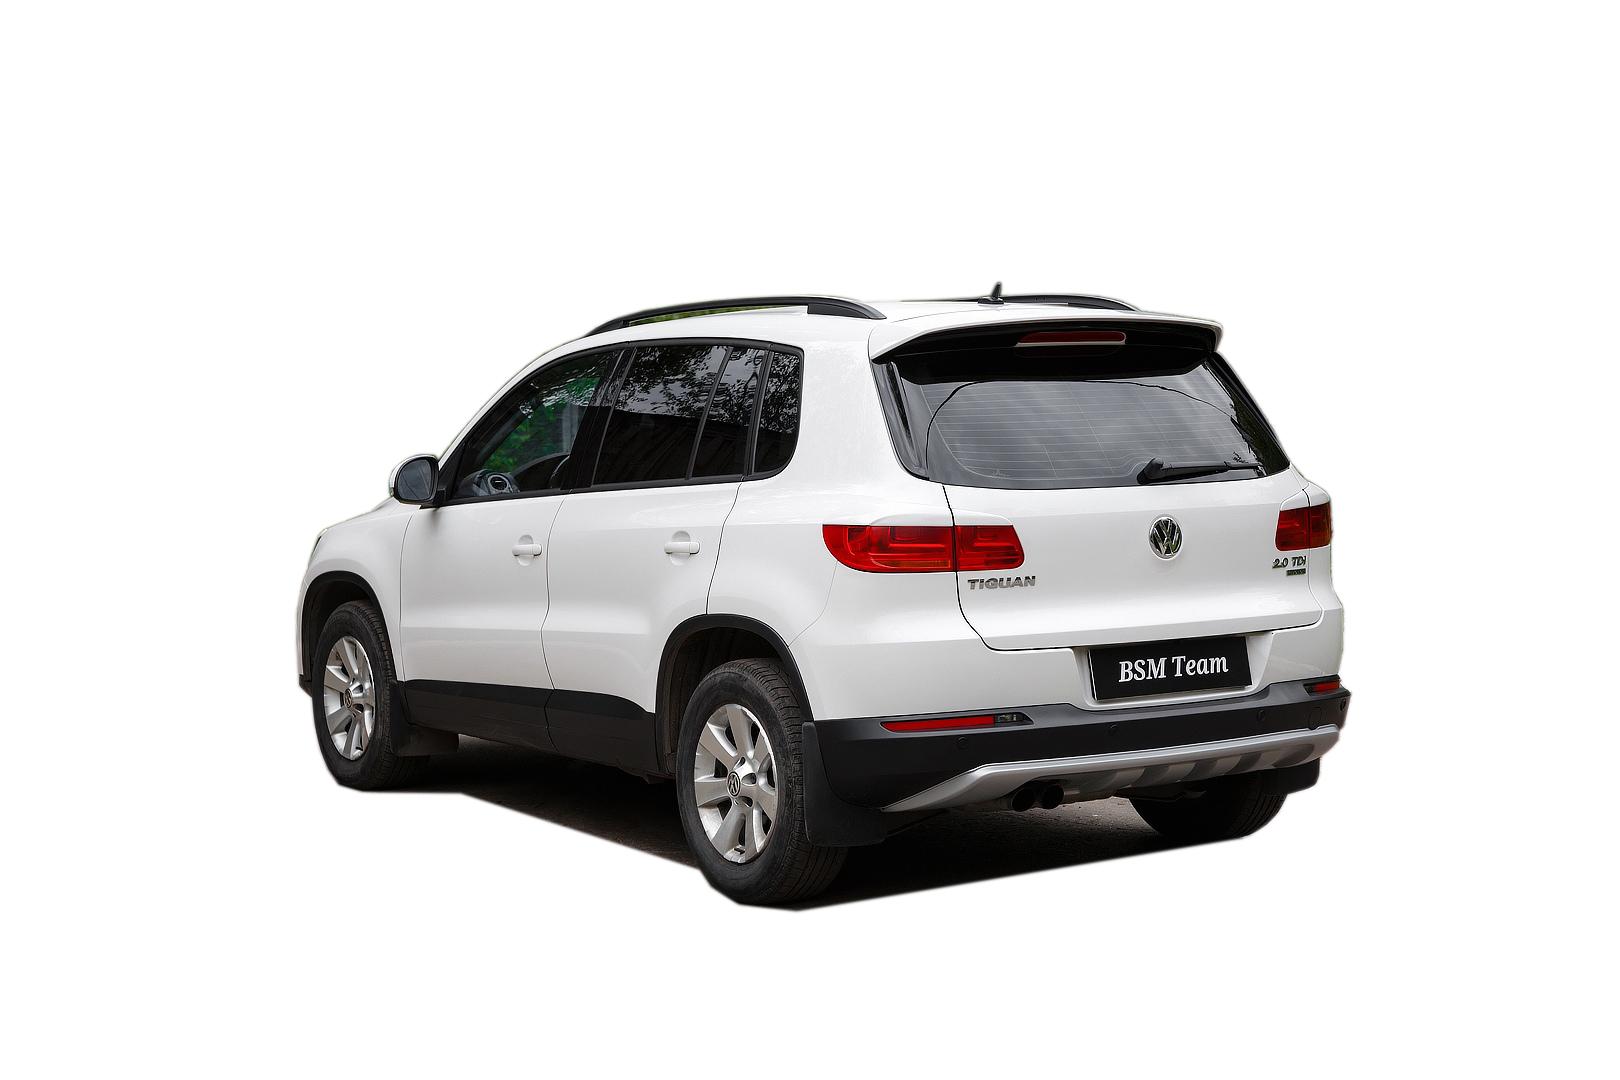 Ресницы задние рестайлинг для Volkswagen Tiguan2